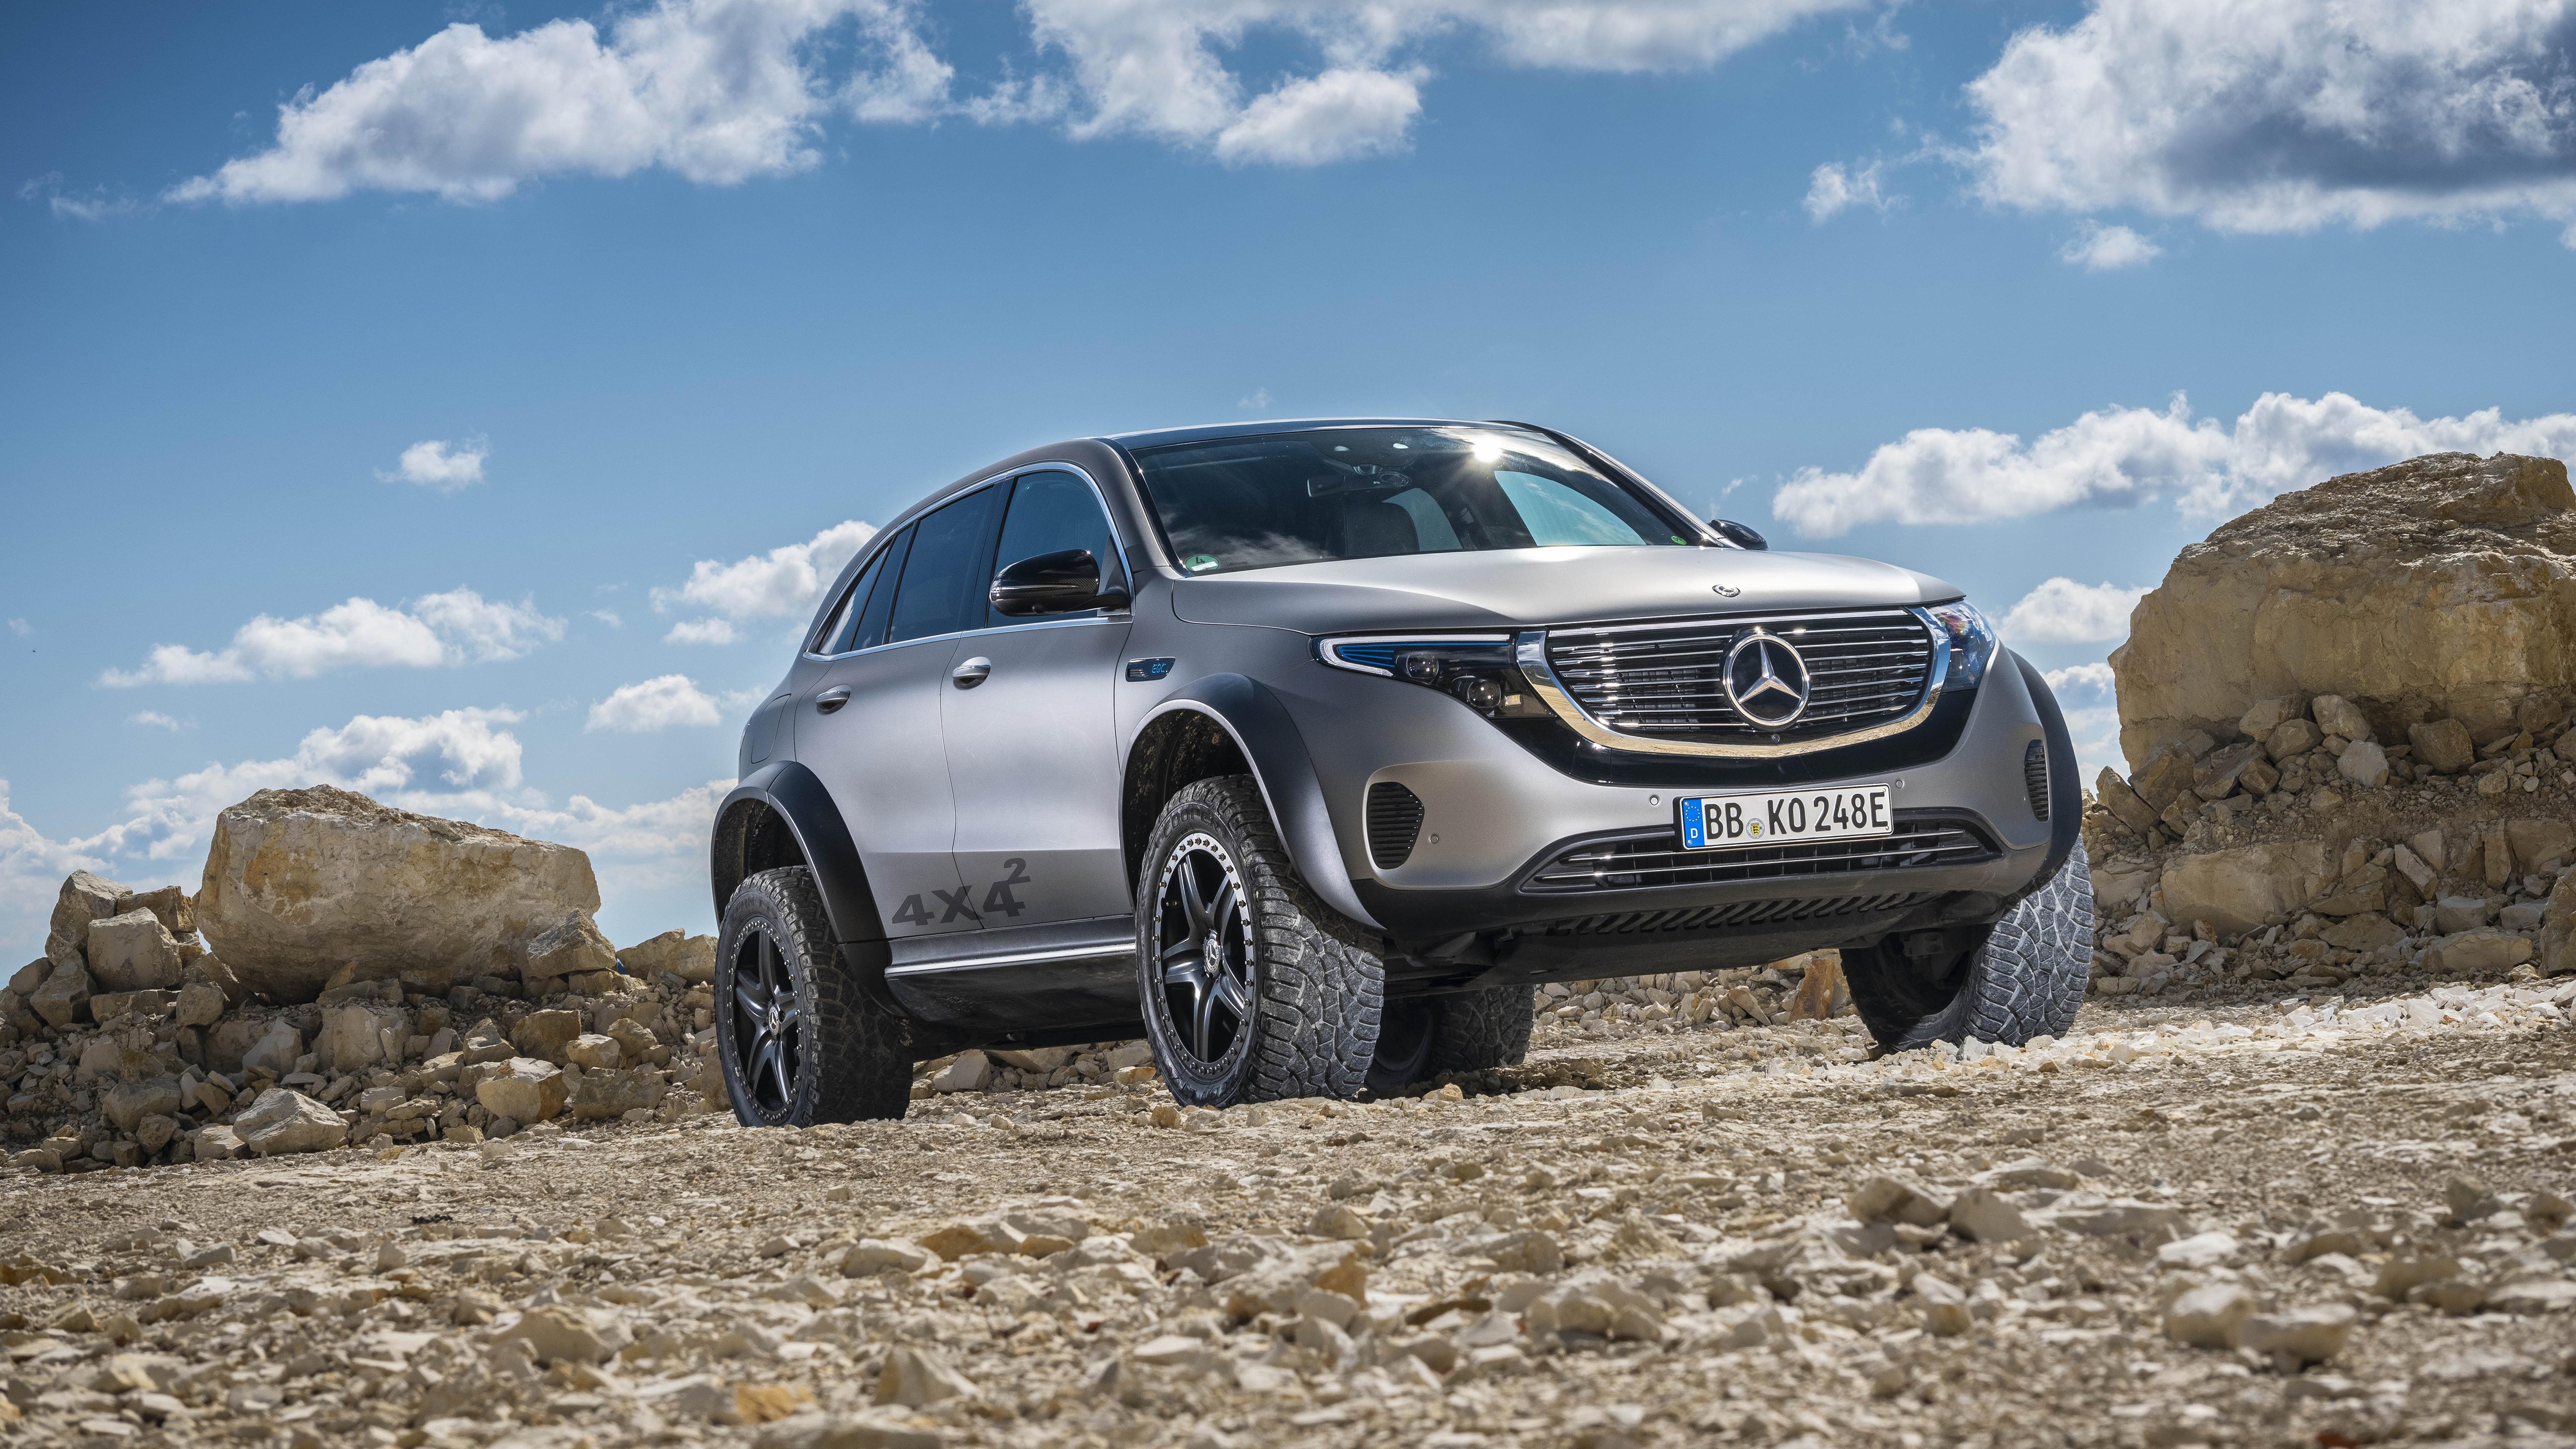 Mercedes-Benz EQC 4x4 2020 5K 2 Wallpaper   HD Car ...